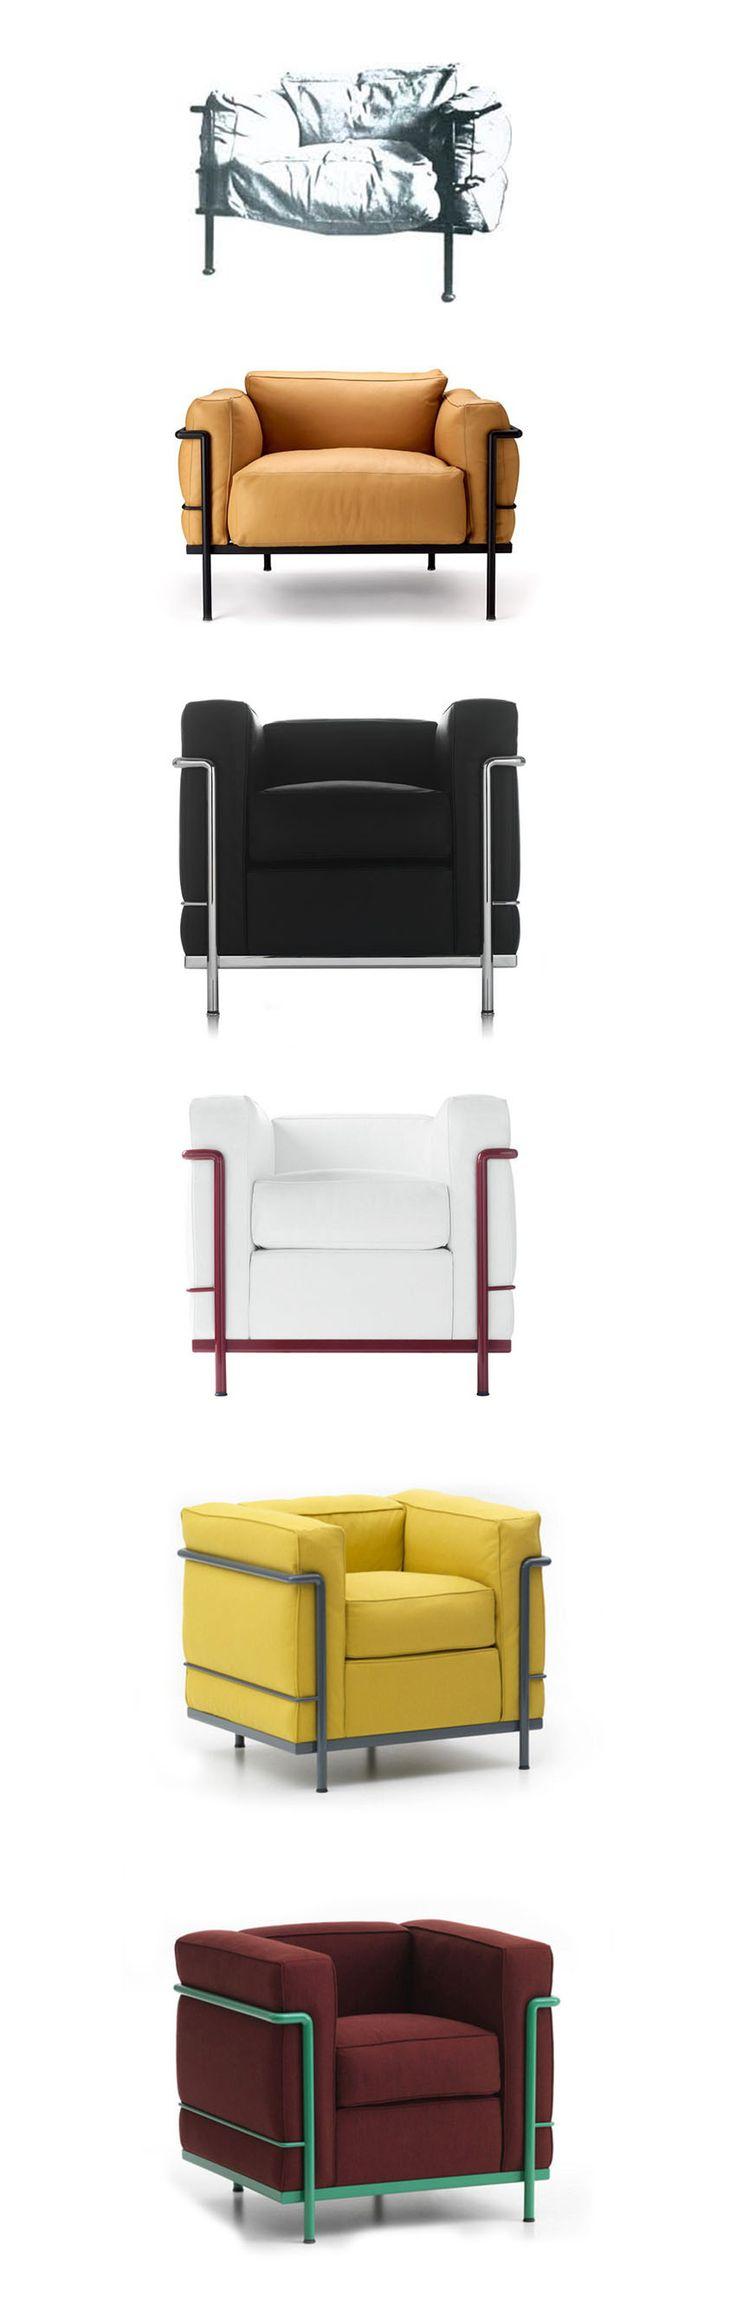 24 best Le Corbusier images on Pinterest   Architecture, Charlotte ...